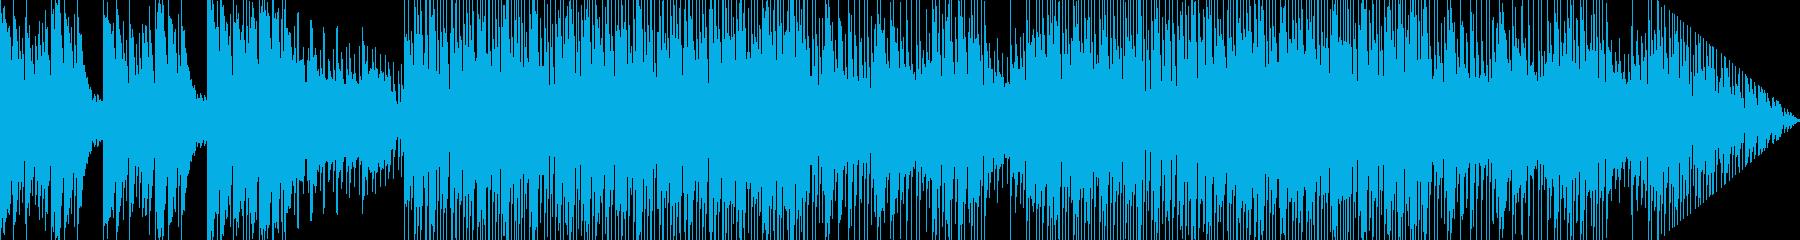 ピクニックに行っている様な雰囲気のBGMの再生済みの波形